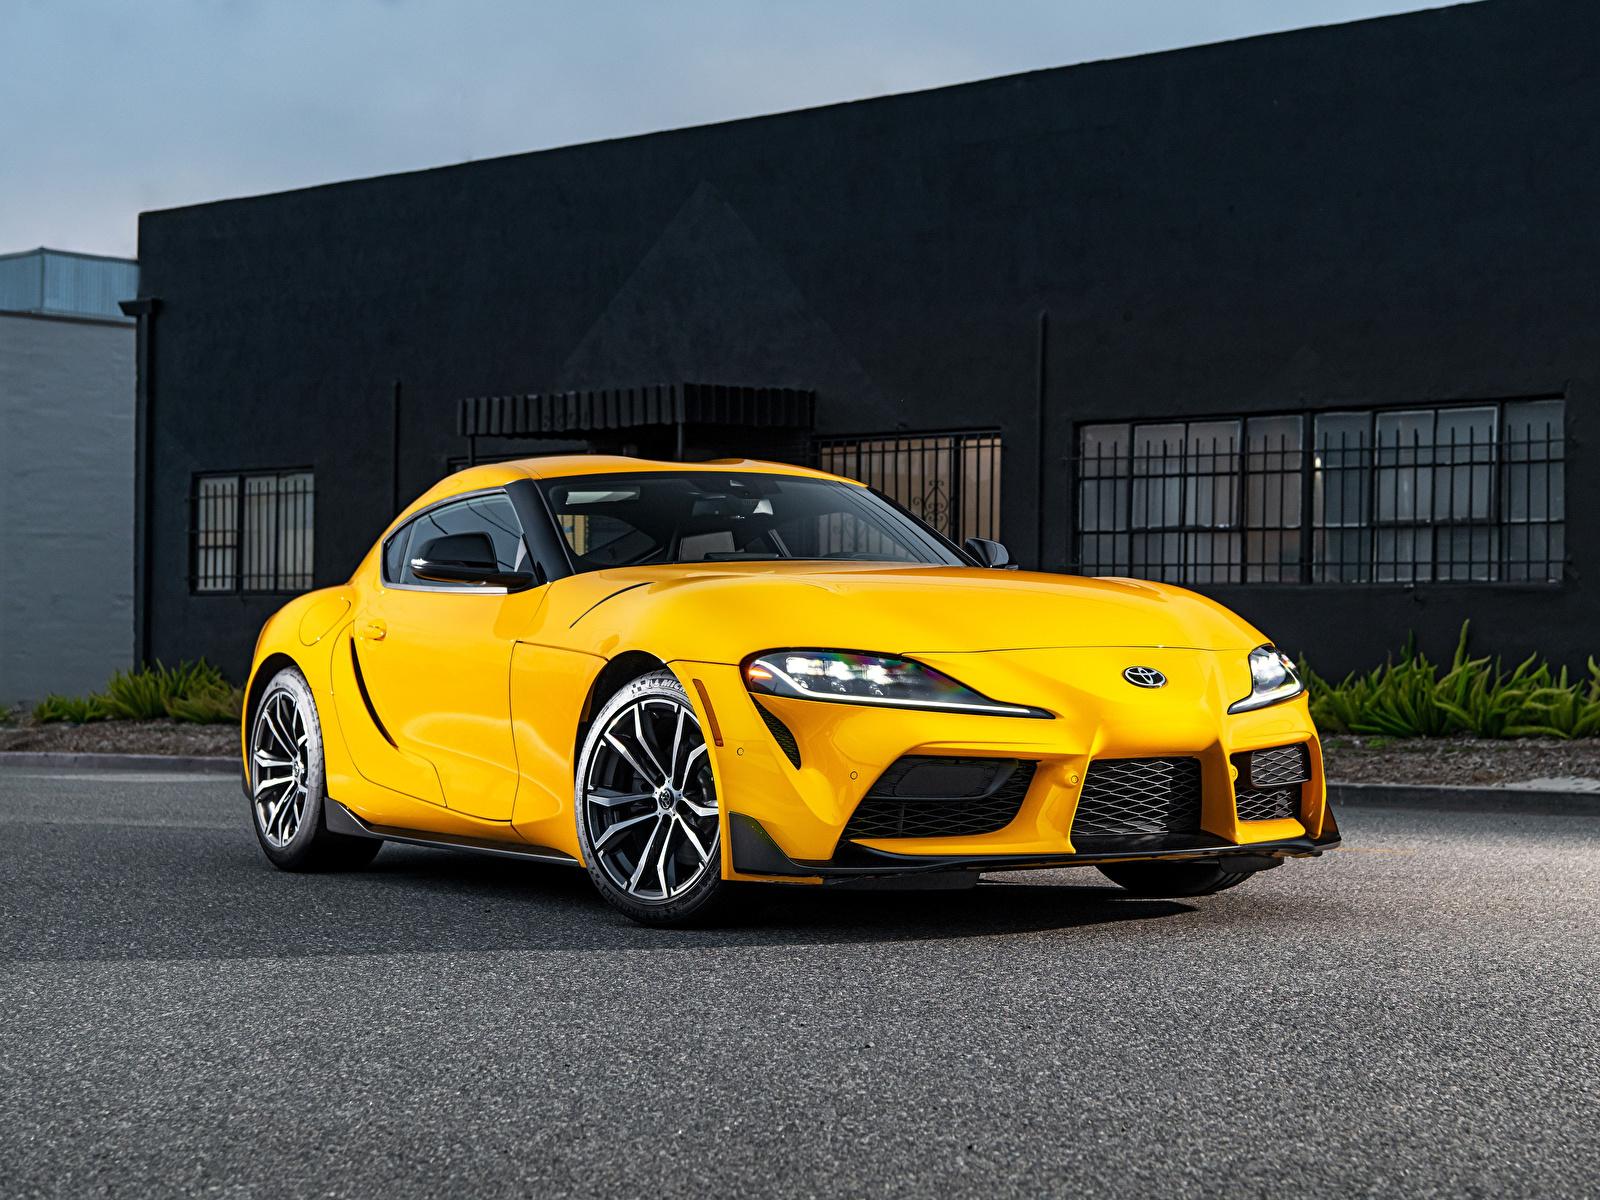 Обои для рабочего стола Toyota GR Supra 2.0 North America, (A90), 2020 желтая Металлик Автомобили 1600x1200 Тойота Желтый желтые желтых авто машины машина автомобиль